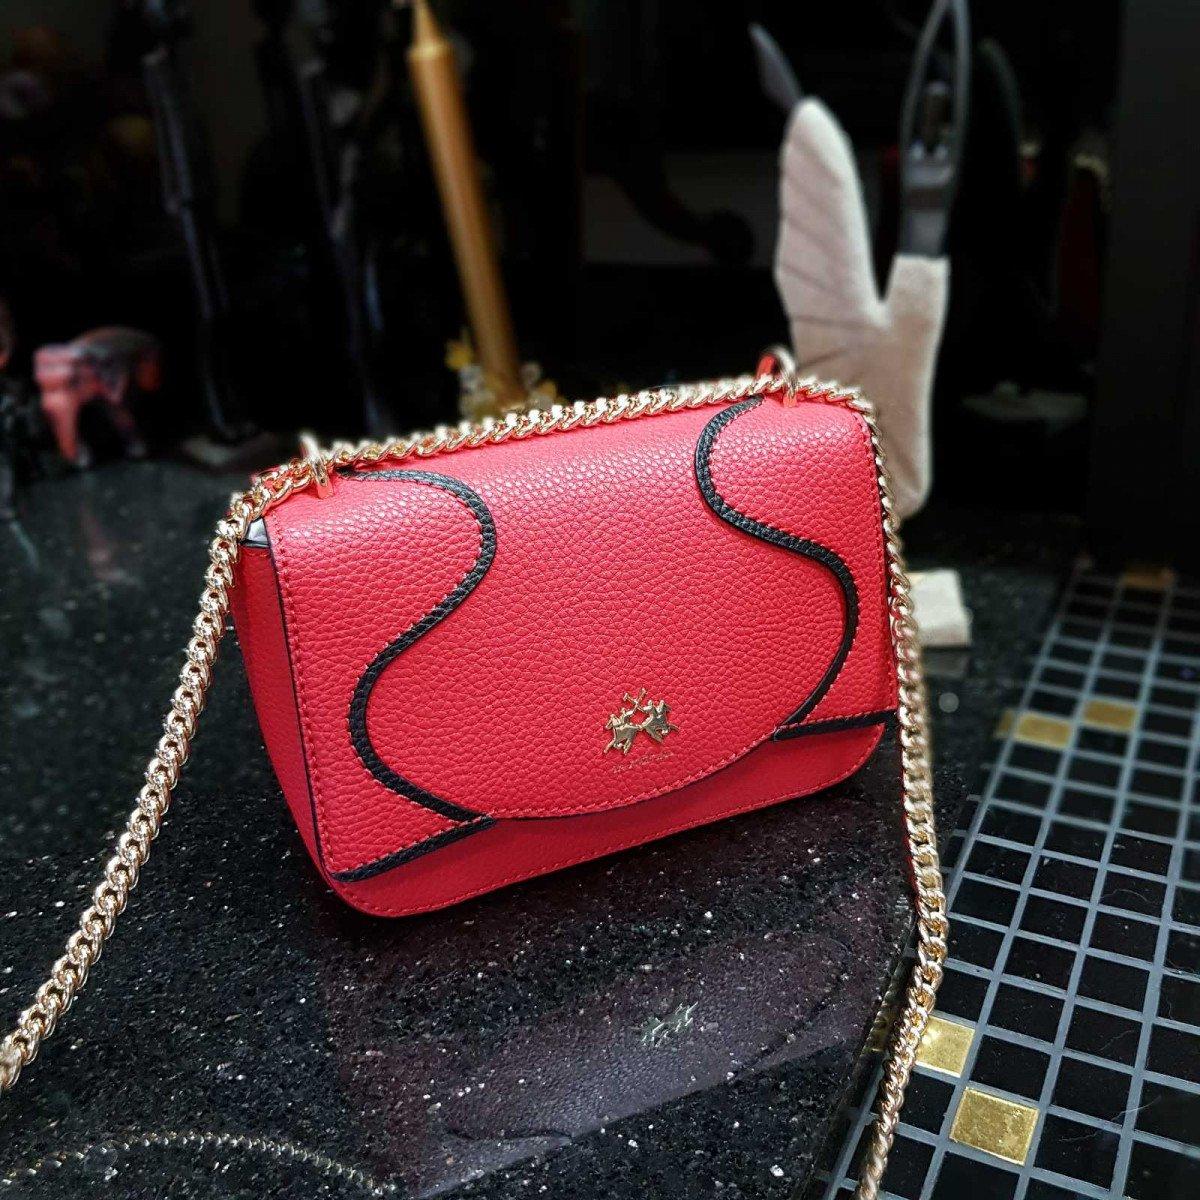 Кожаная женская сумка LA Martina 41W413 P0004 true red из натуральной кожи из натуральной кожи